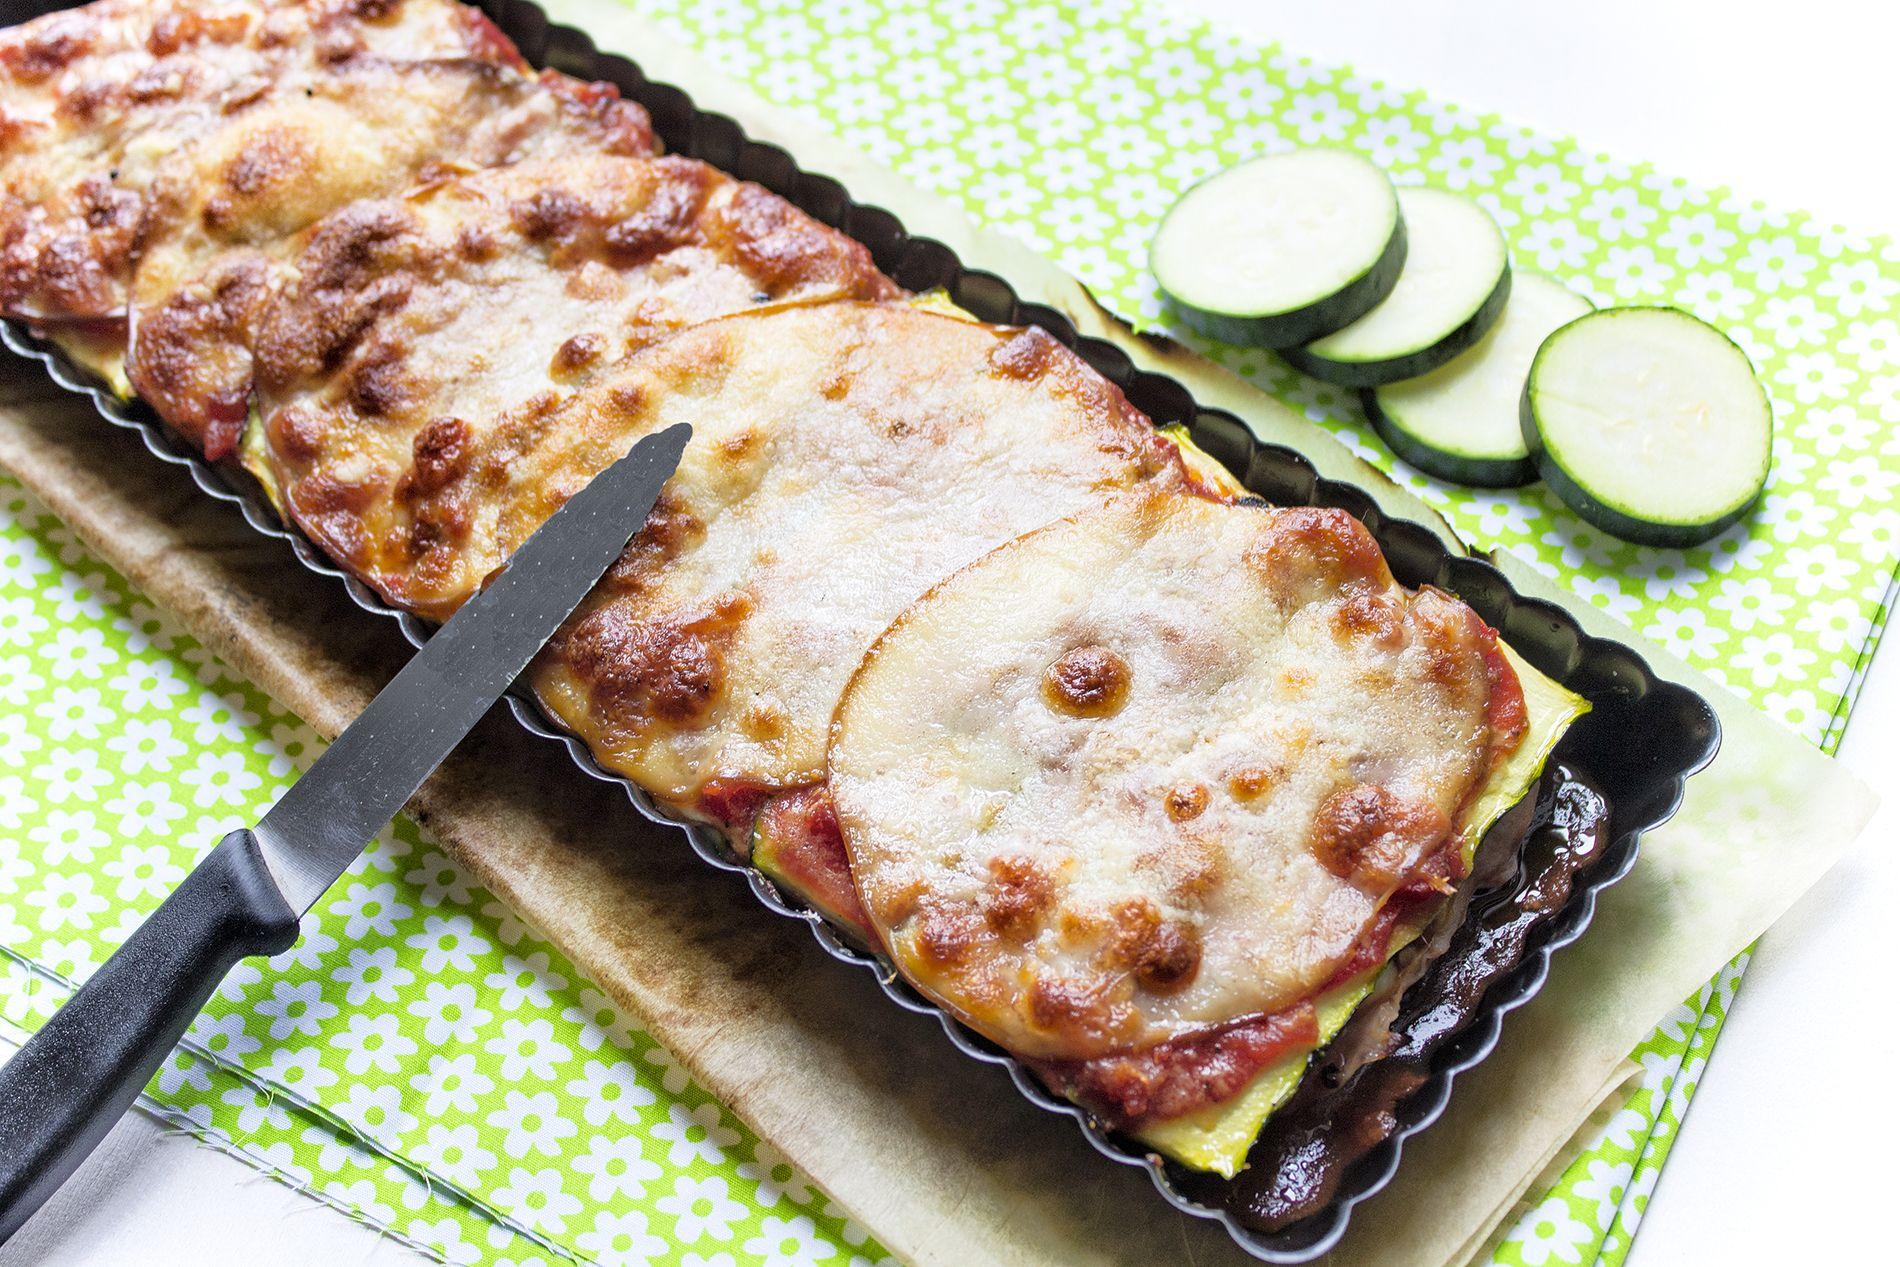 torta-salata-zucchine-prosciutto-3-contemporaneo-food